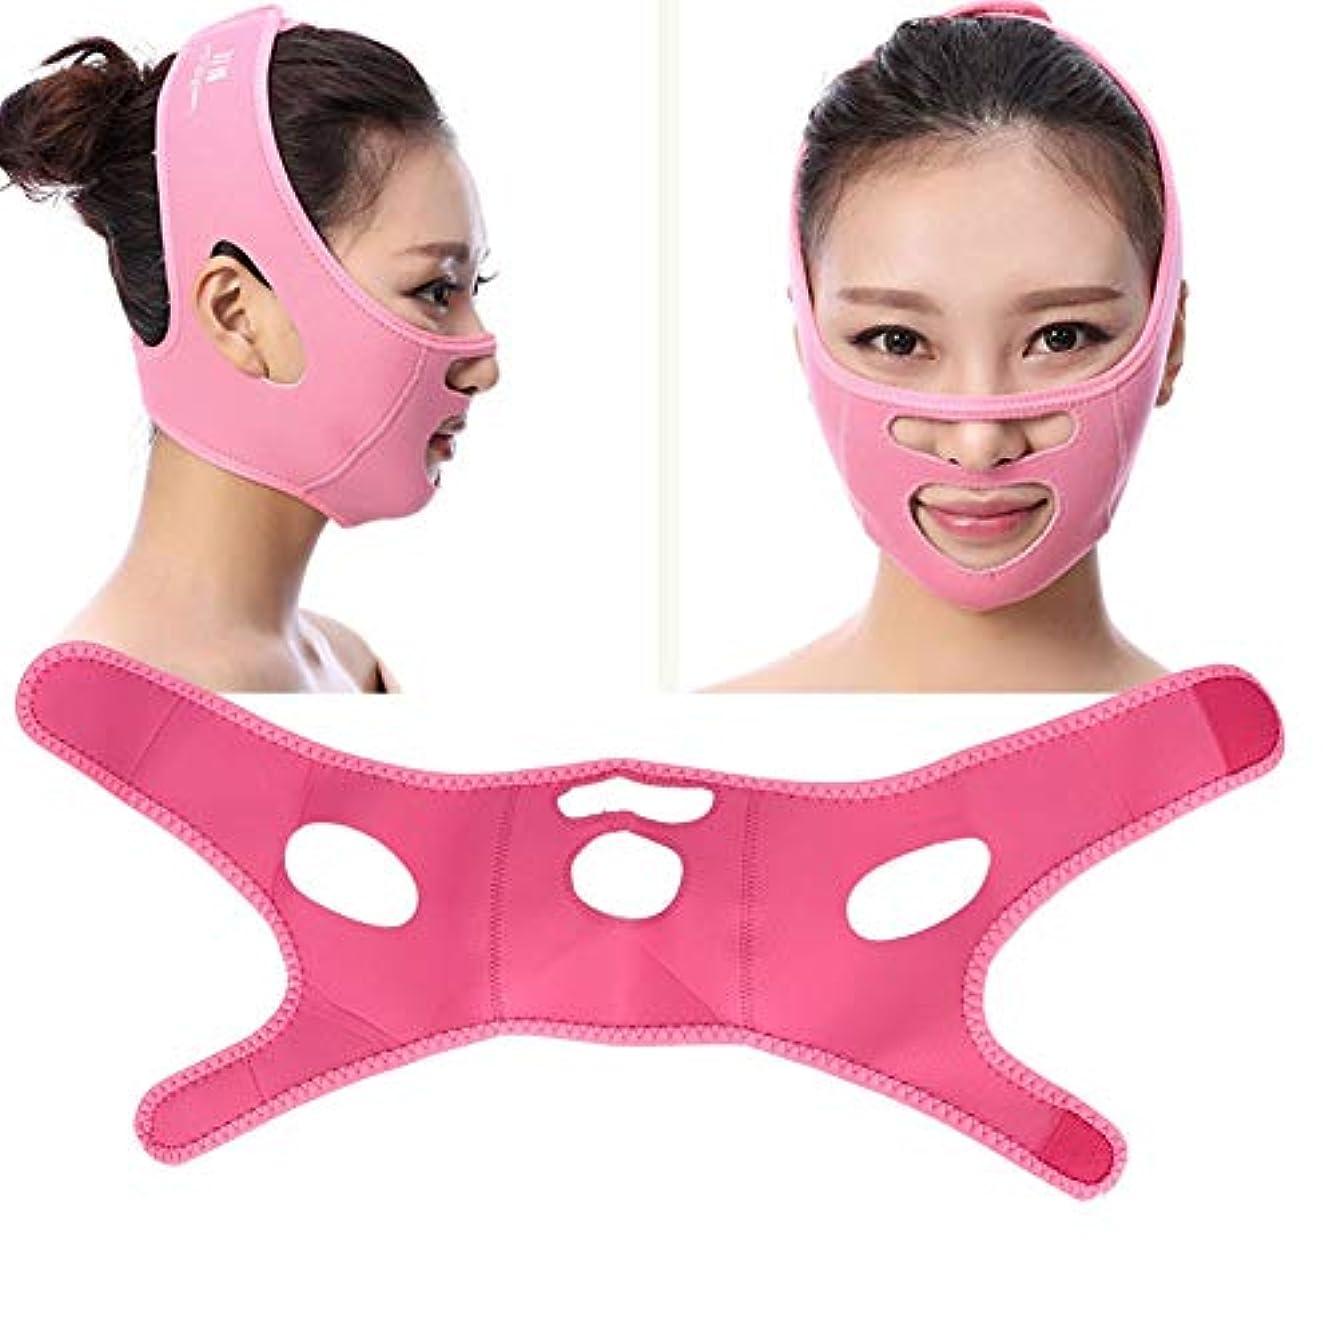 活気づく推論悲劇的なスリミングマスク - V字型マスク、フェイスマスクV型 - 首とあごを持ち上げるため、アンチエイジング、しわを軽減